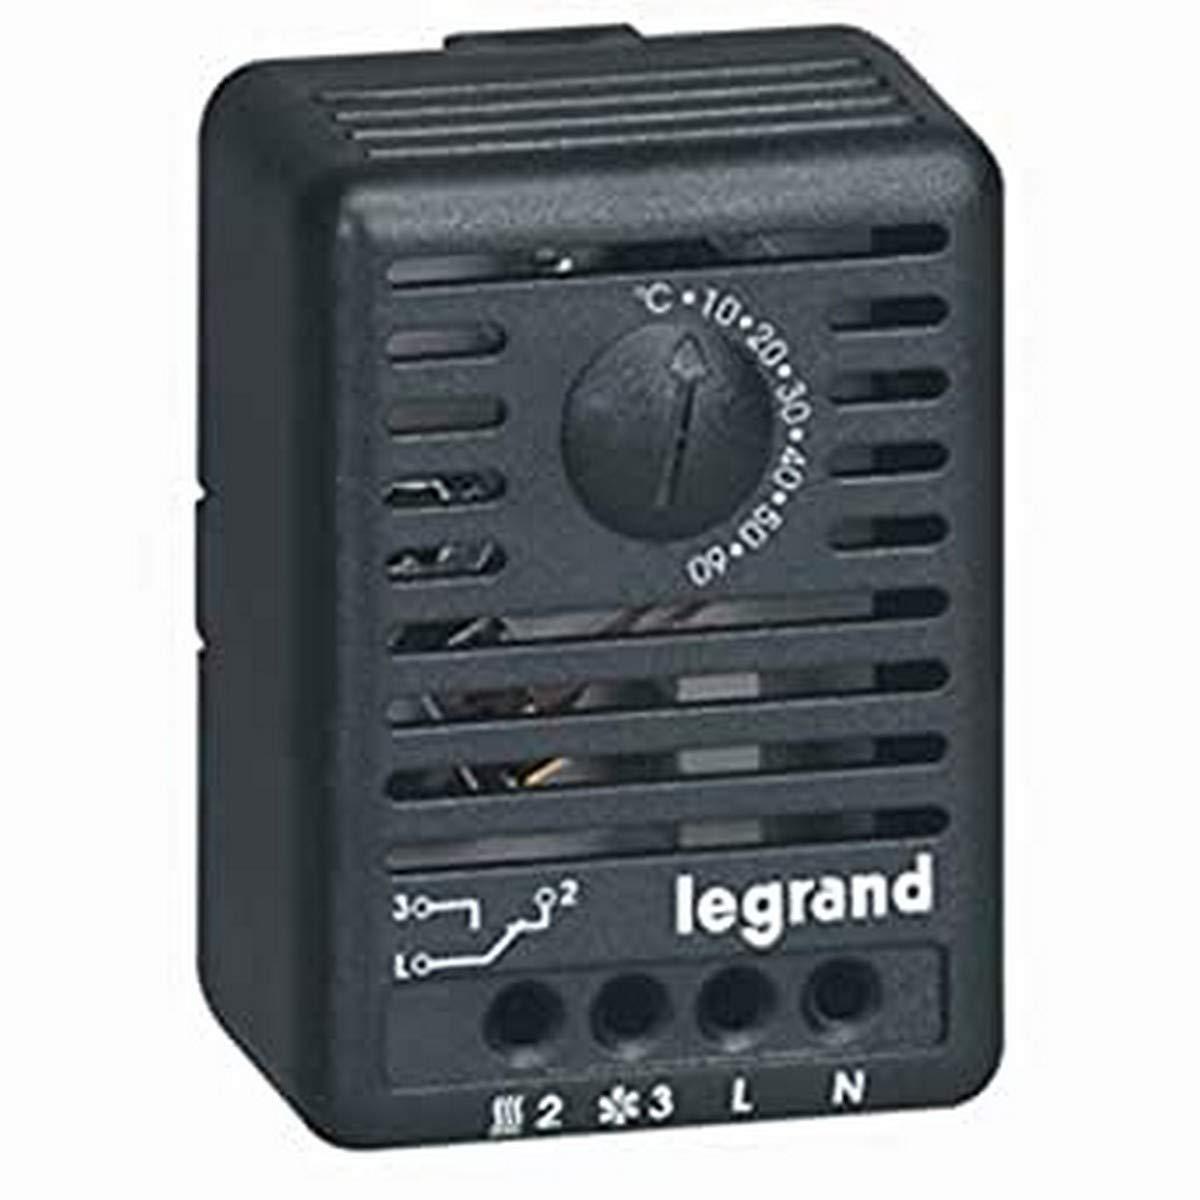 Legrand acc.atlantic/marina - Termostato ambiente 5-55 cano: Amazon.es: Industria, empresas y ciencia